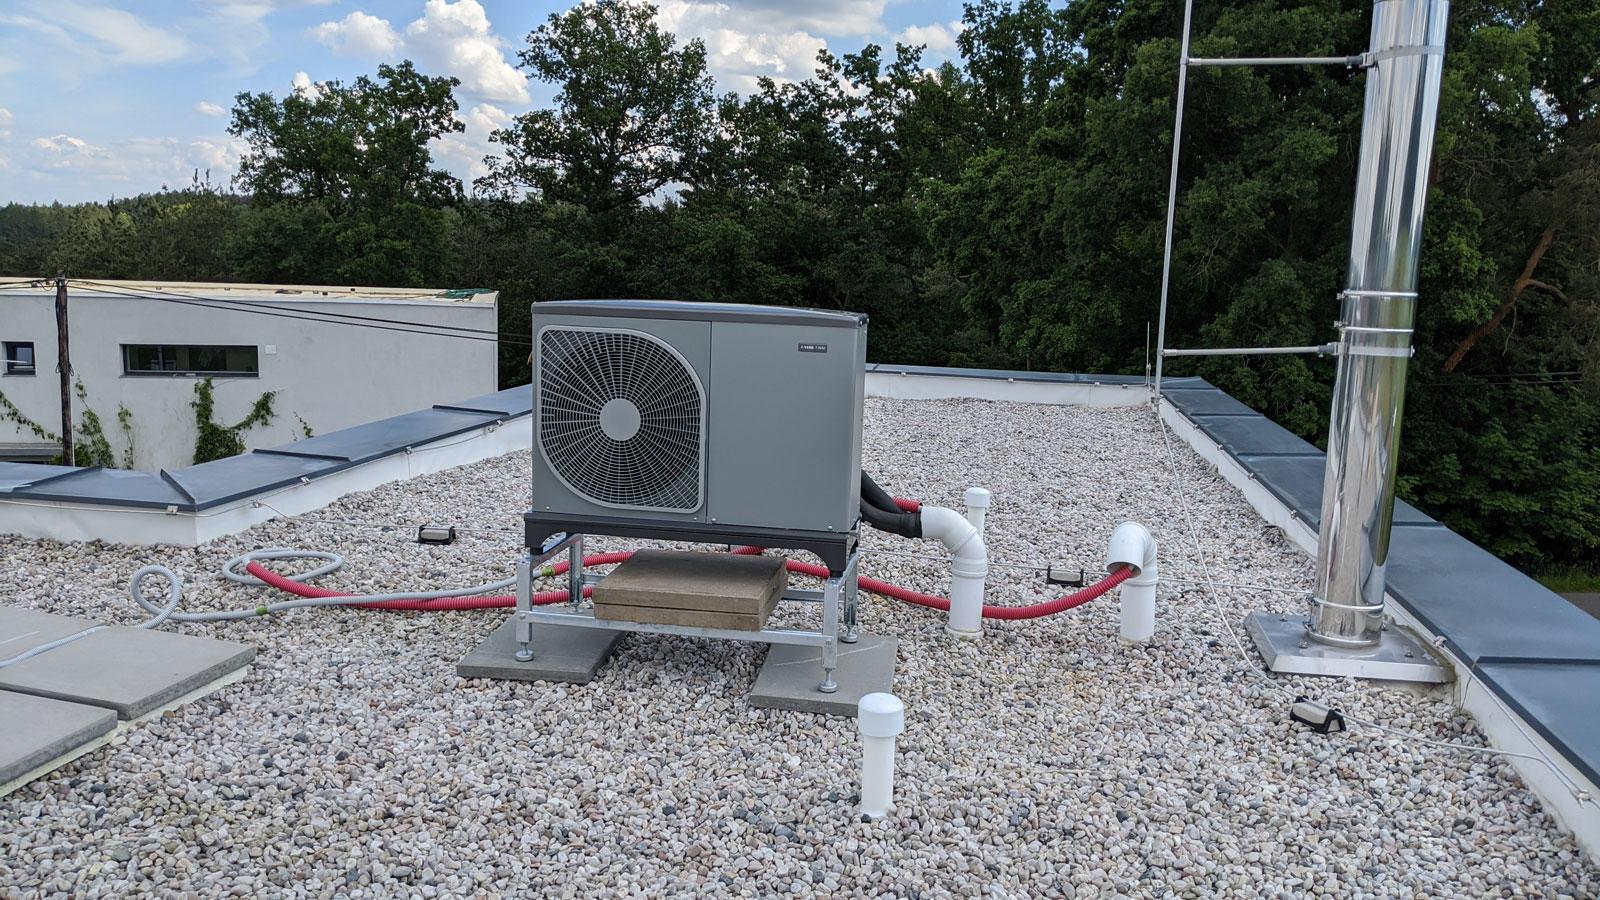 Výměna elektrokotle za tepelné čerpadlo